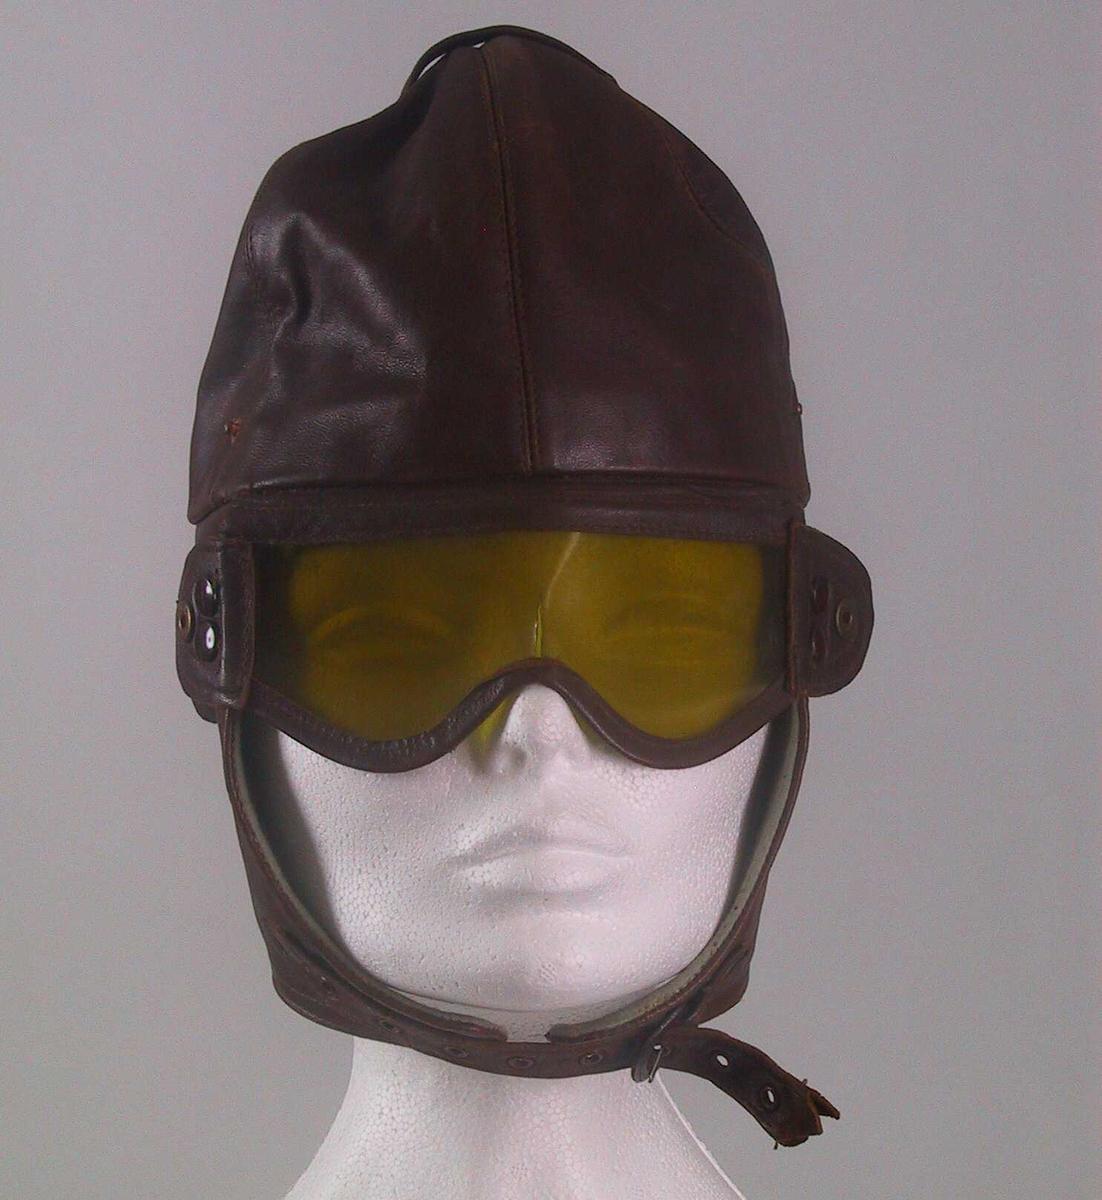 Teknikk: Skinnlue m.gule, nedfellbare plastbriller. For av bomull, trykknapper av messing, åpning v. ørene, spenne for feste under haken. Form: Rund lue m. nakkestykke.